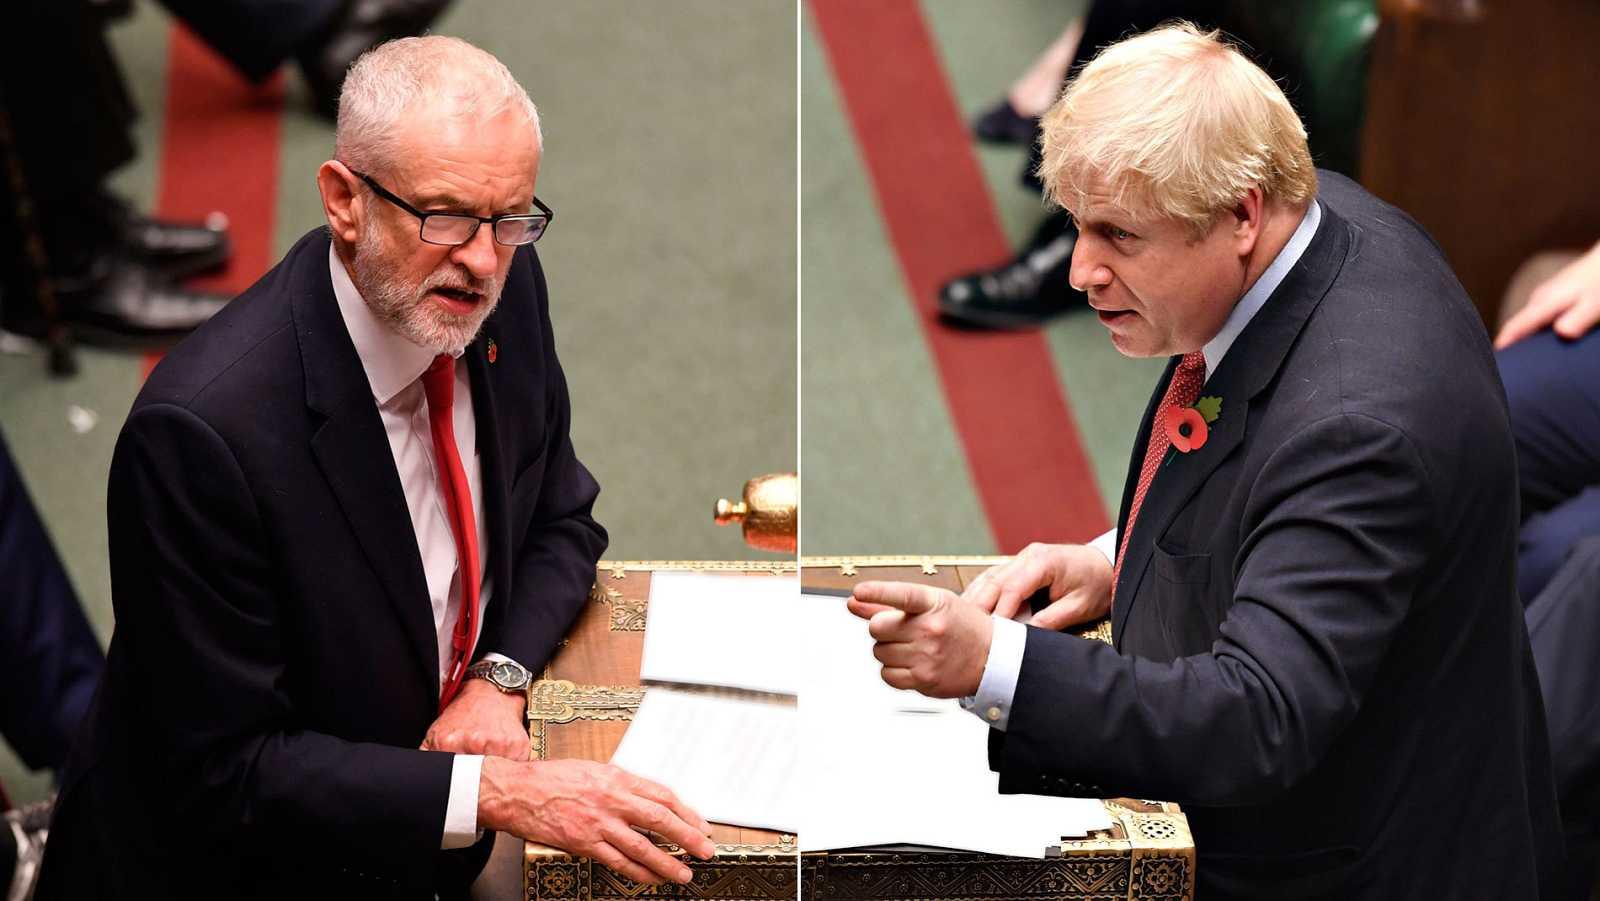 El líder laborista, Jeremy Corbyn, y el primer británico, Boris Johnson, en un debate parlamentario